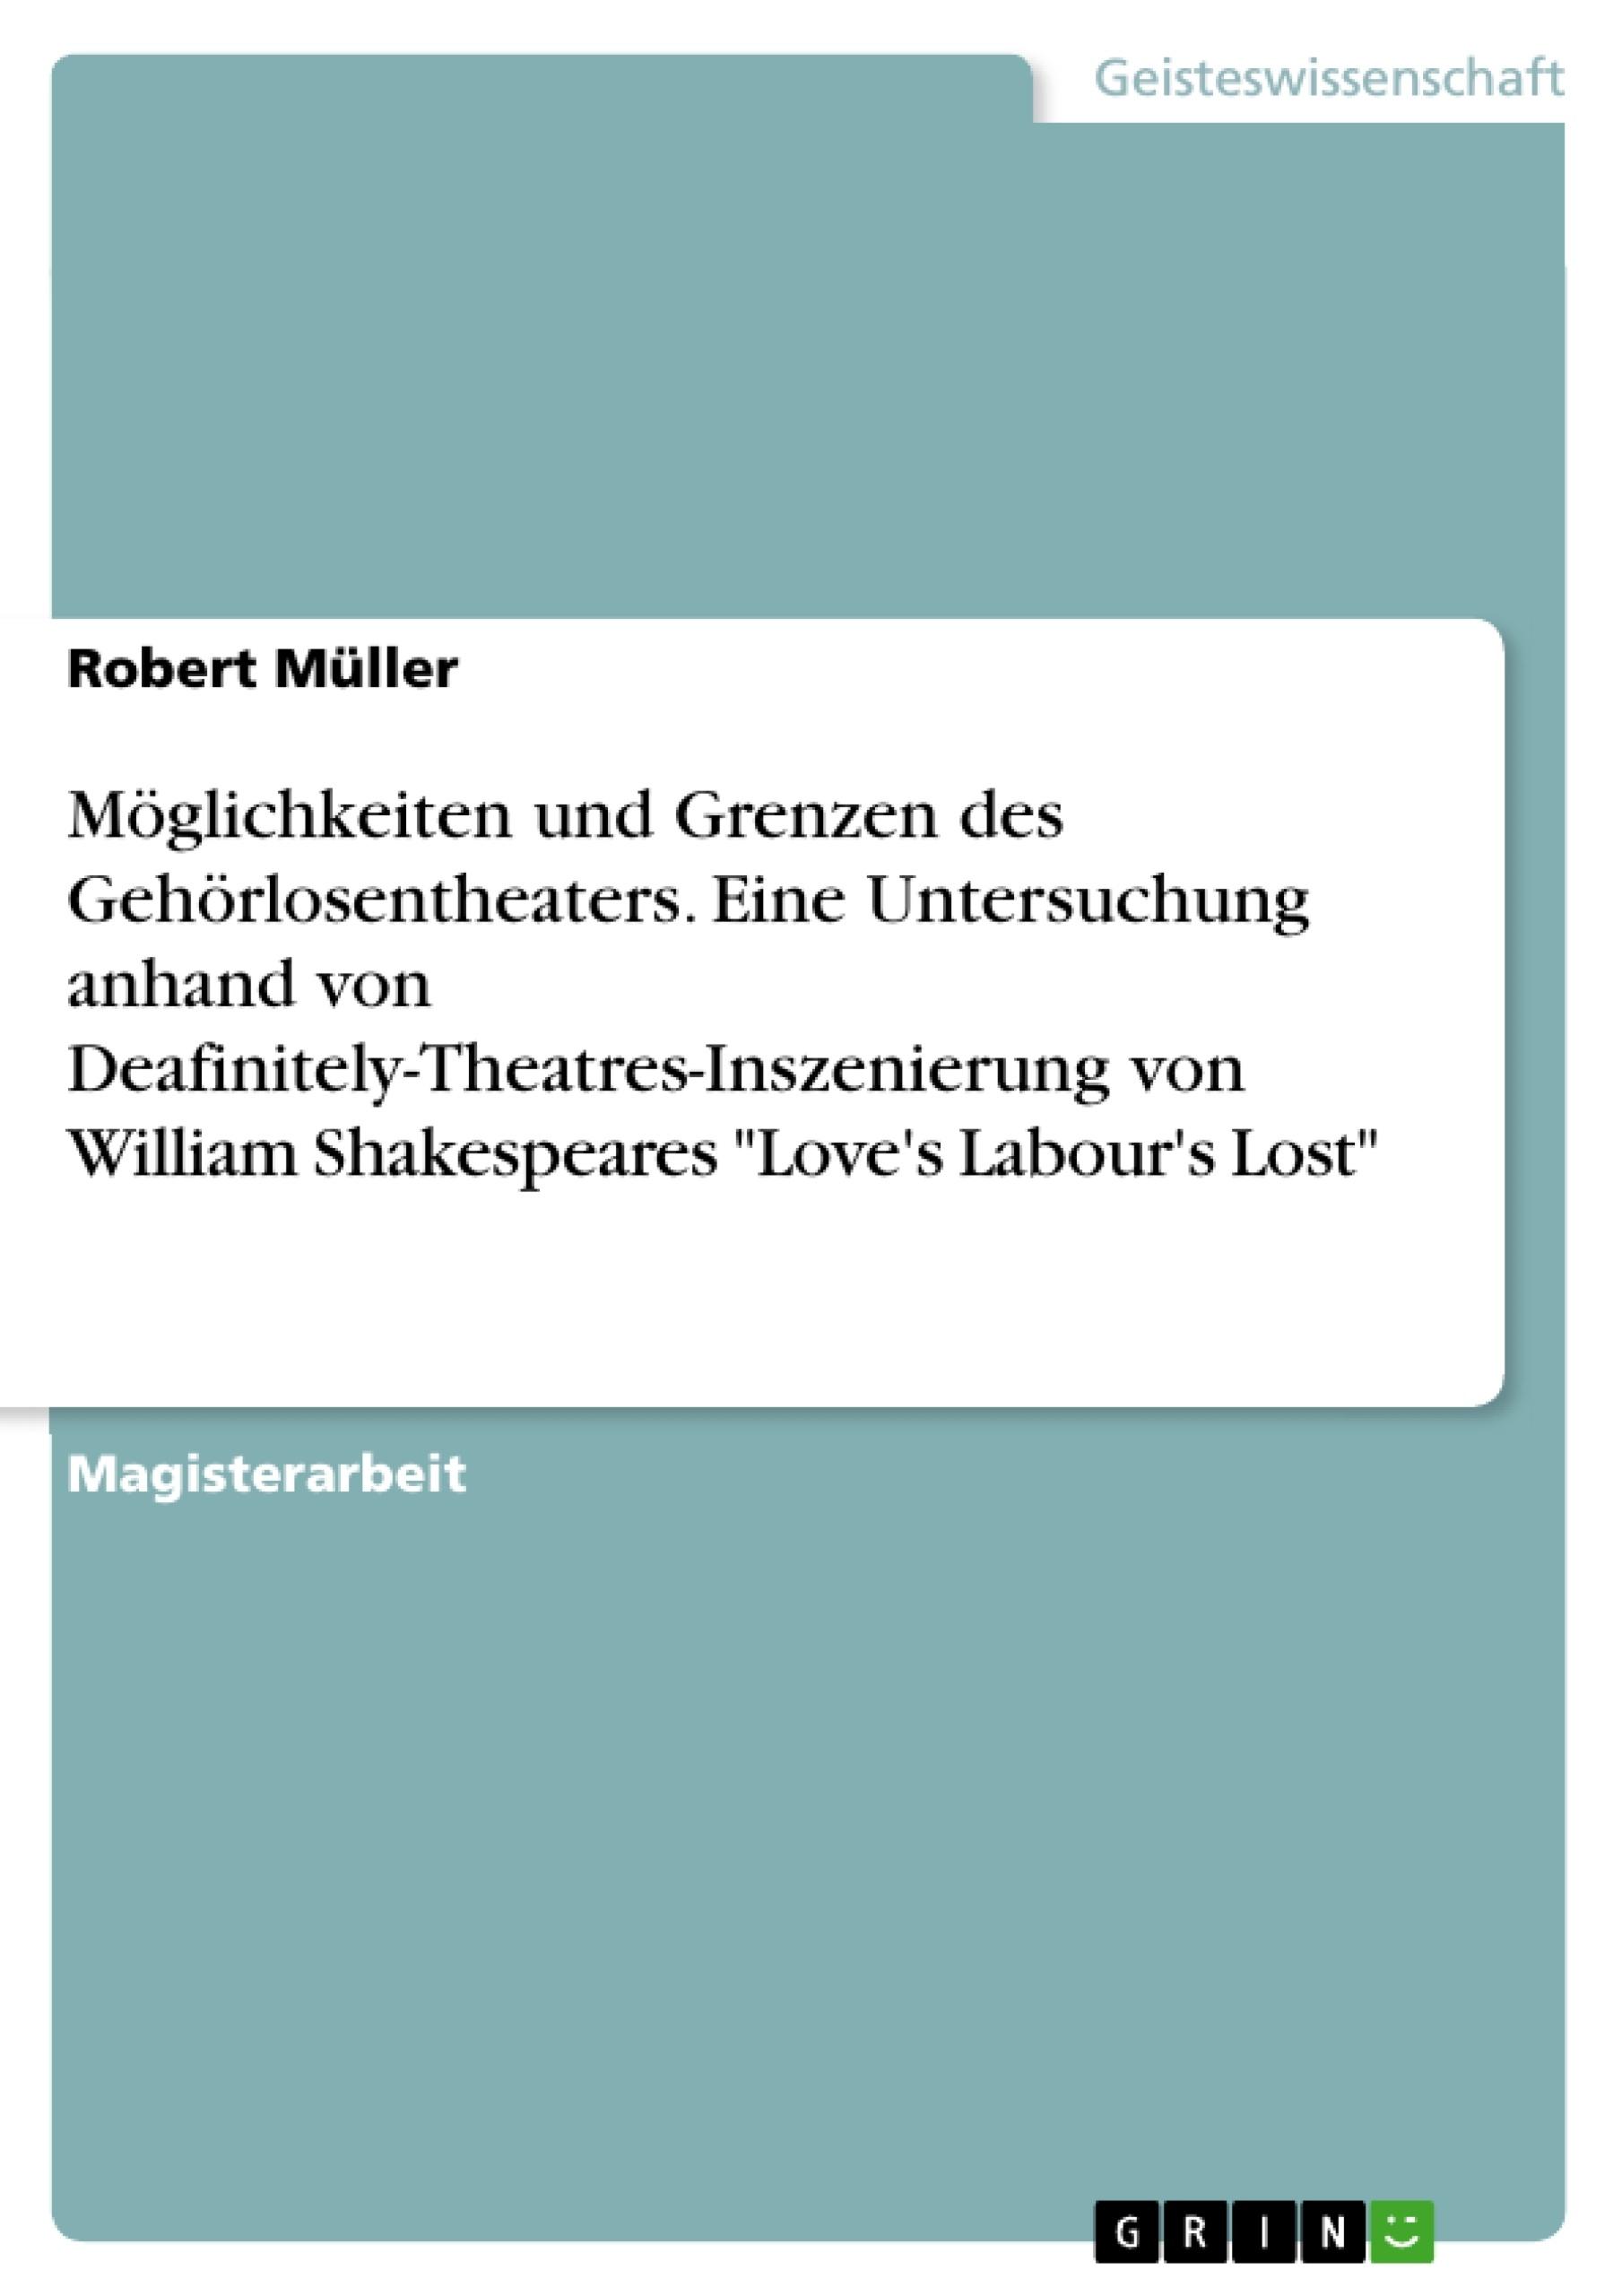 """Titel: Möglichkeiten und Grenzen des Gehörlosentheaters. Eine Untersuchung anhand von Deafinitely-Theatres-Inszenierung von William Shakespeares """"Love's Labour's Lost"""""""